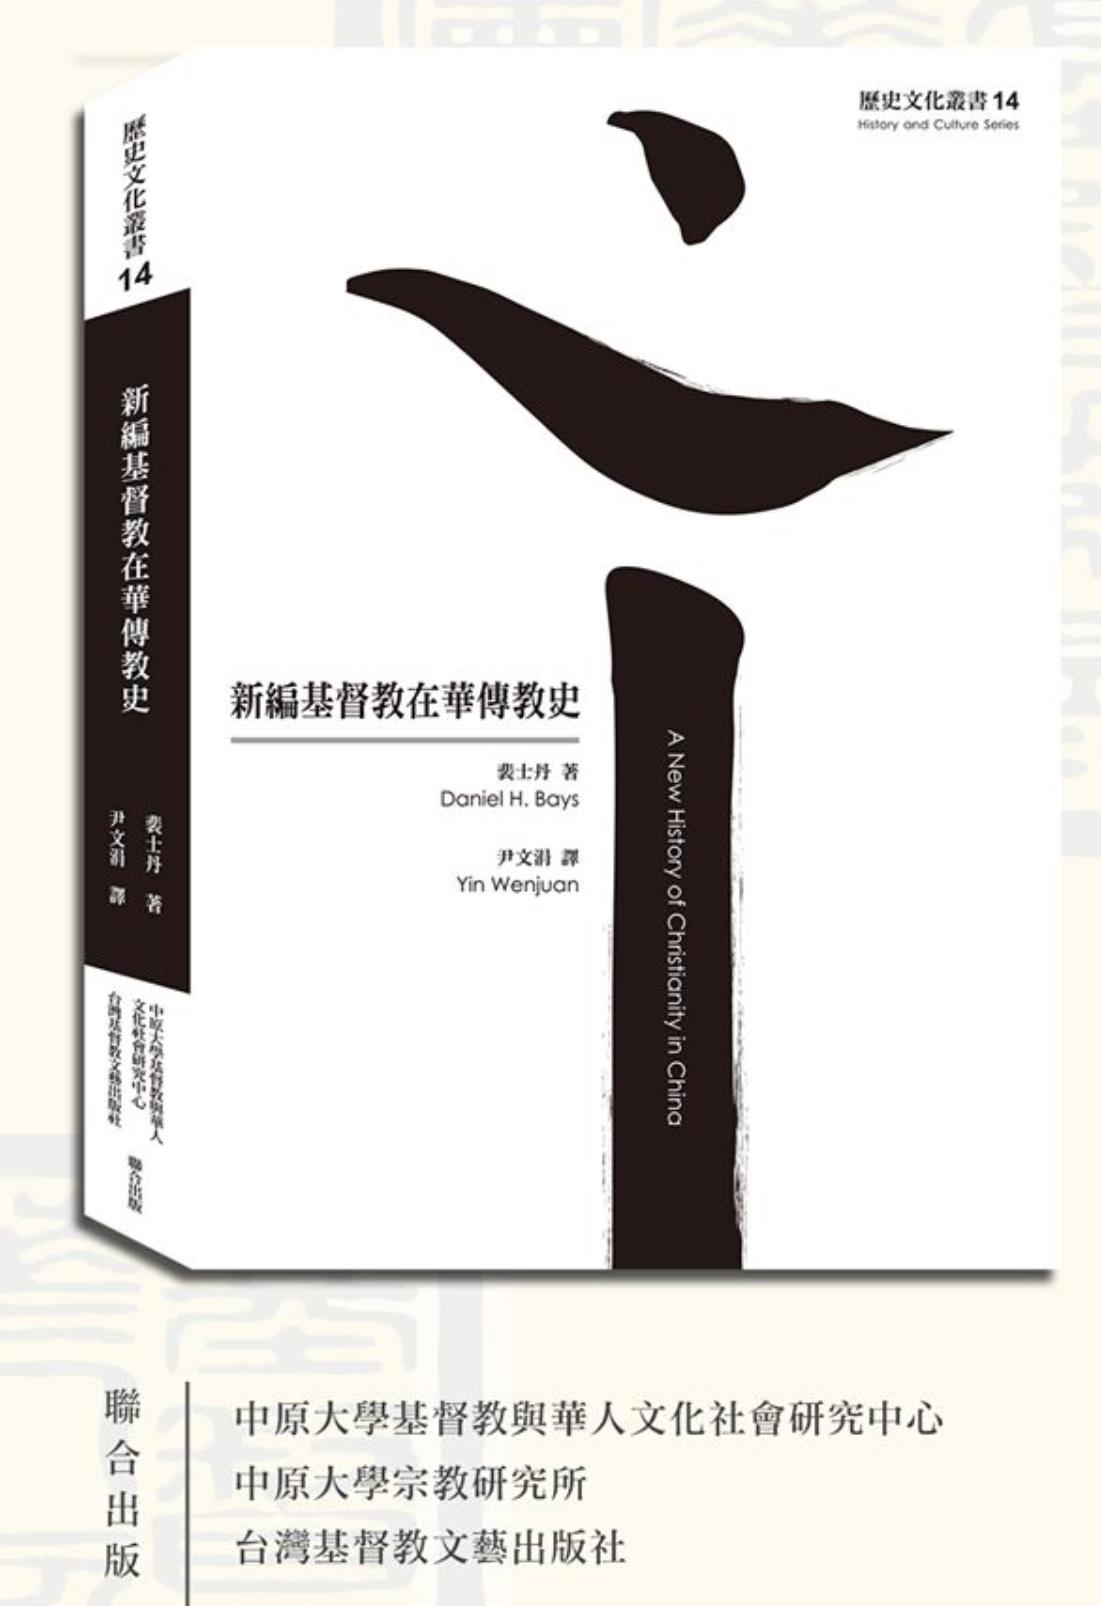 裴士丹:《新编基督教在华传教史》(2019中文版)